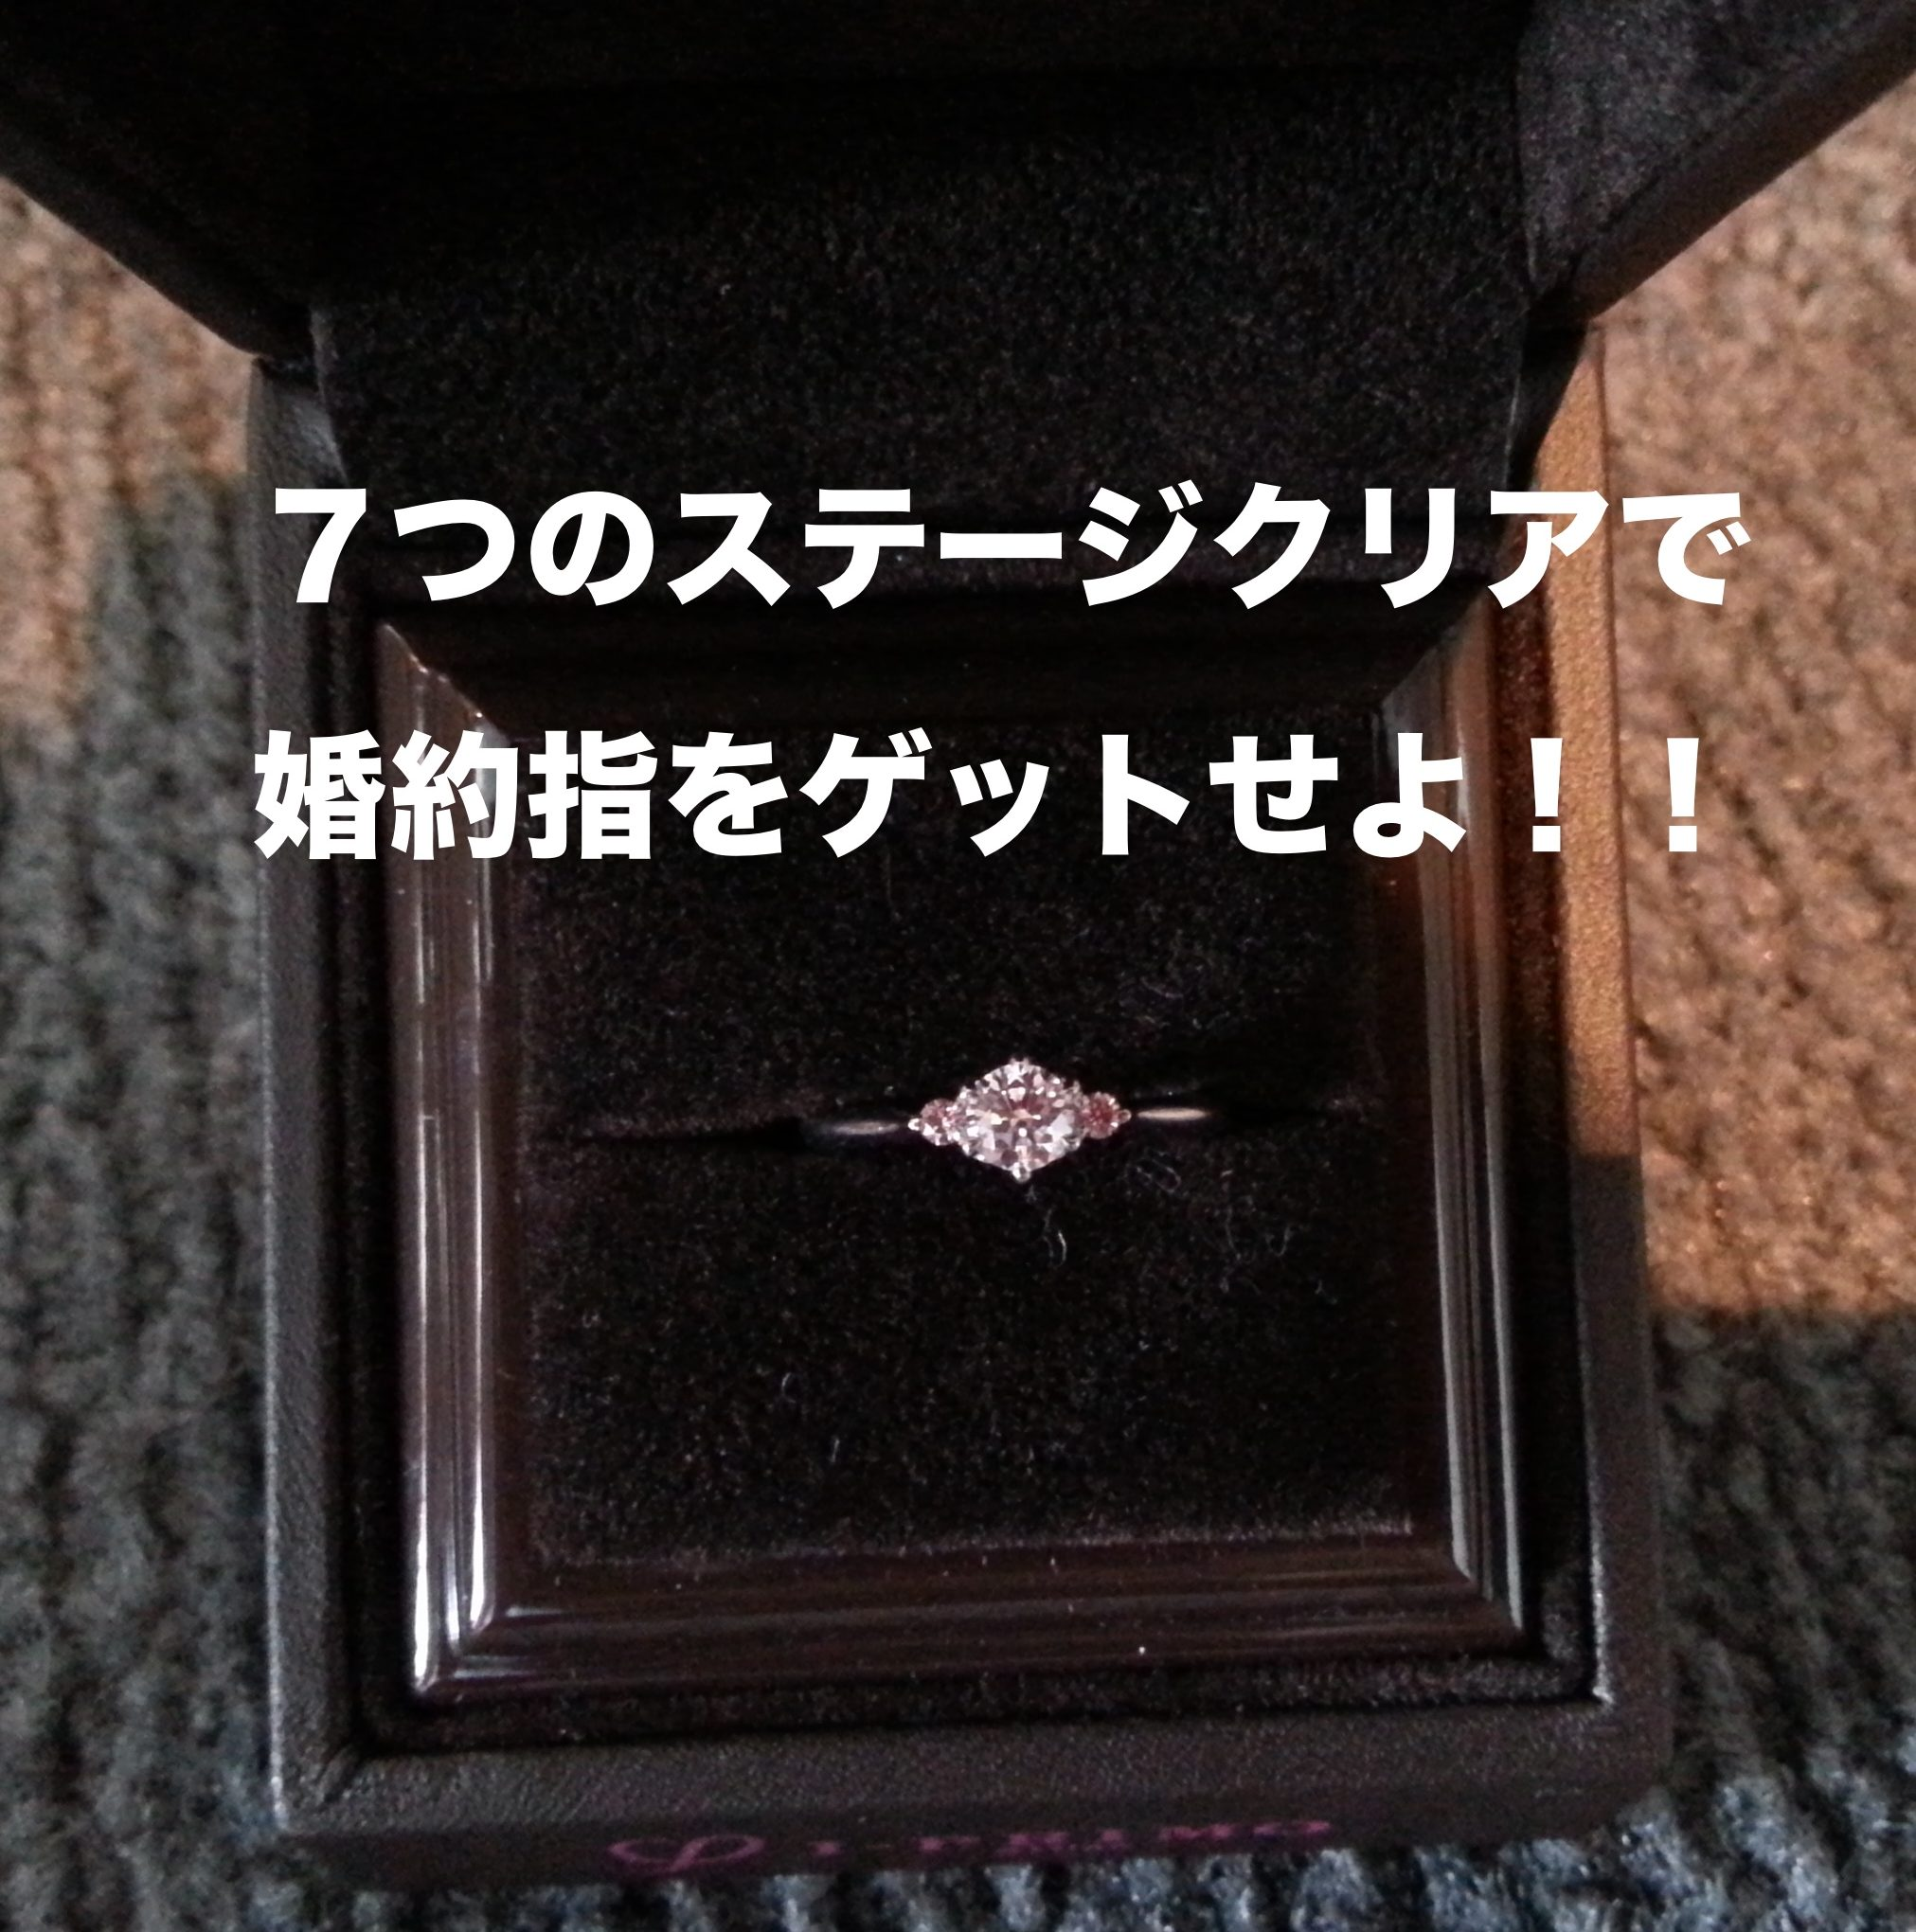 婚約指輪(エンゲージリング)をサプライズプロポーズのために手に入れる7つのステップ